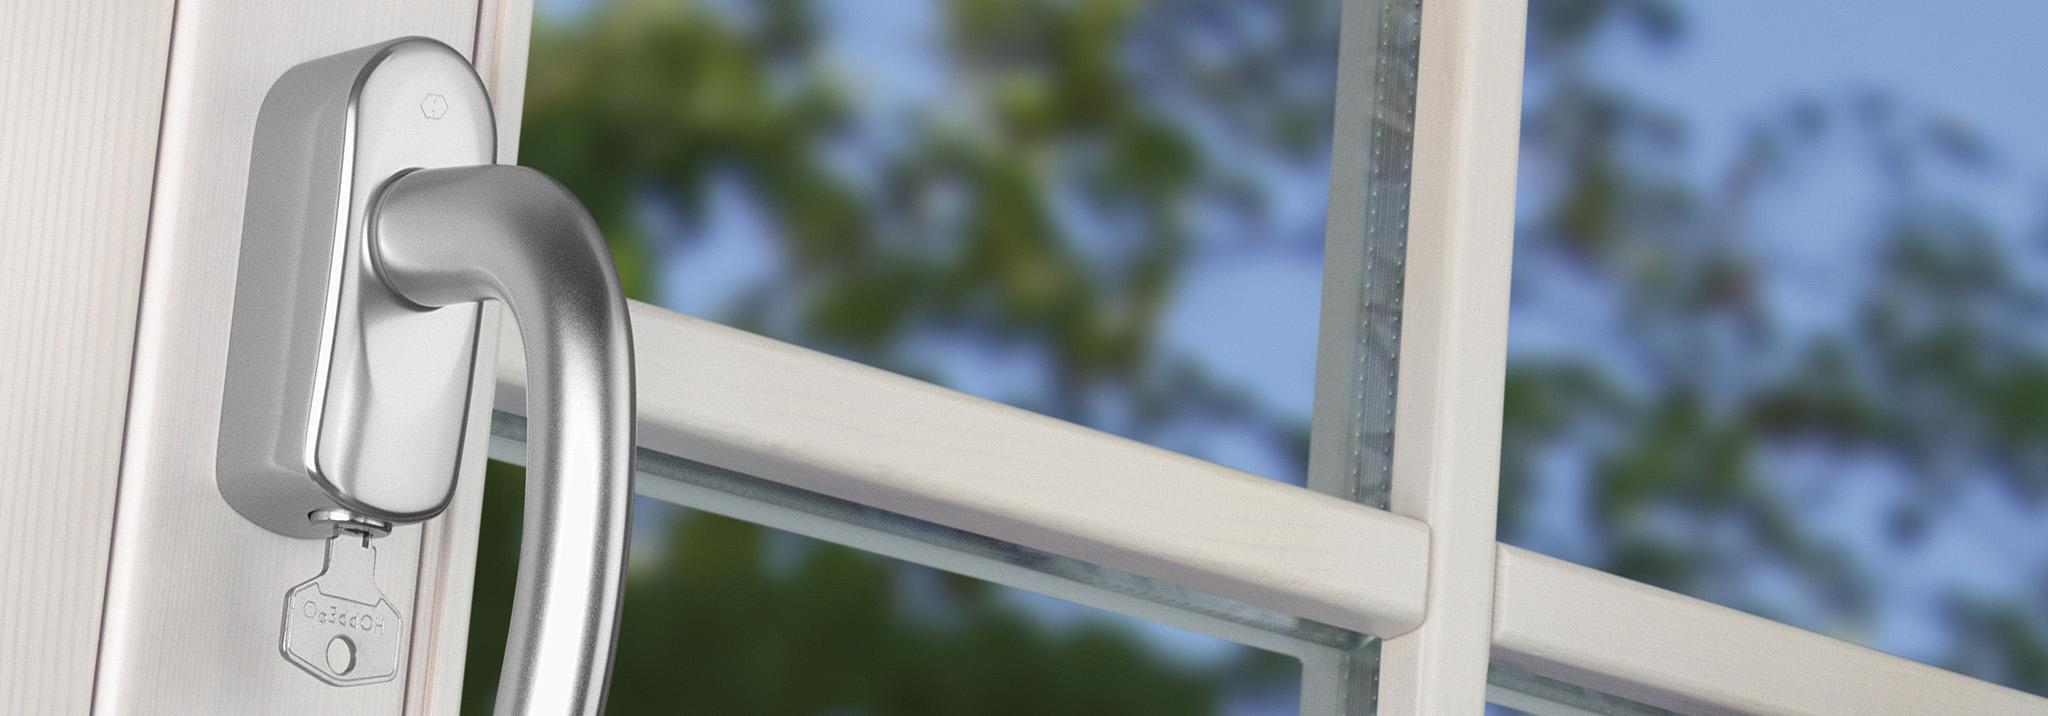 Sicher und individuell – Fenstergriffe mit SecuSelect®